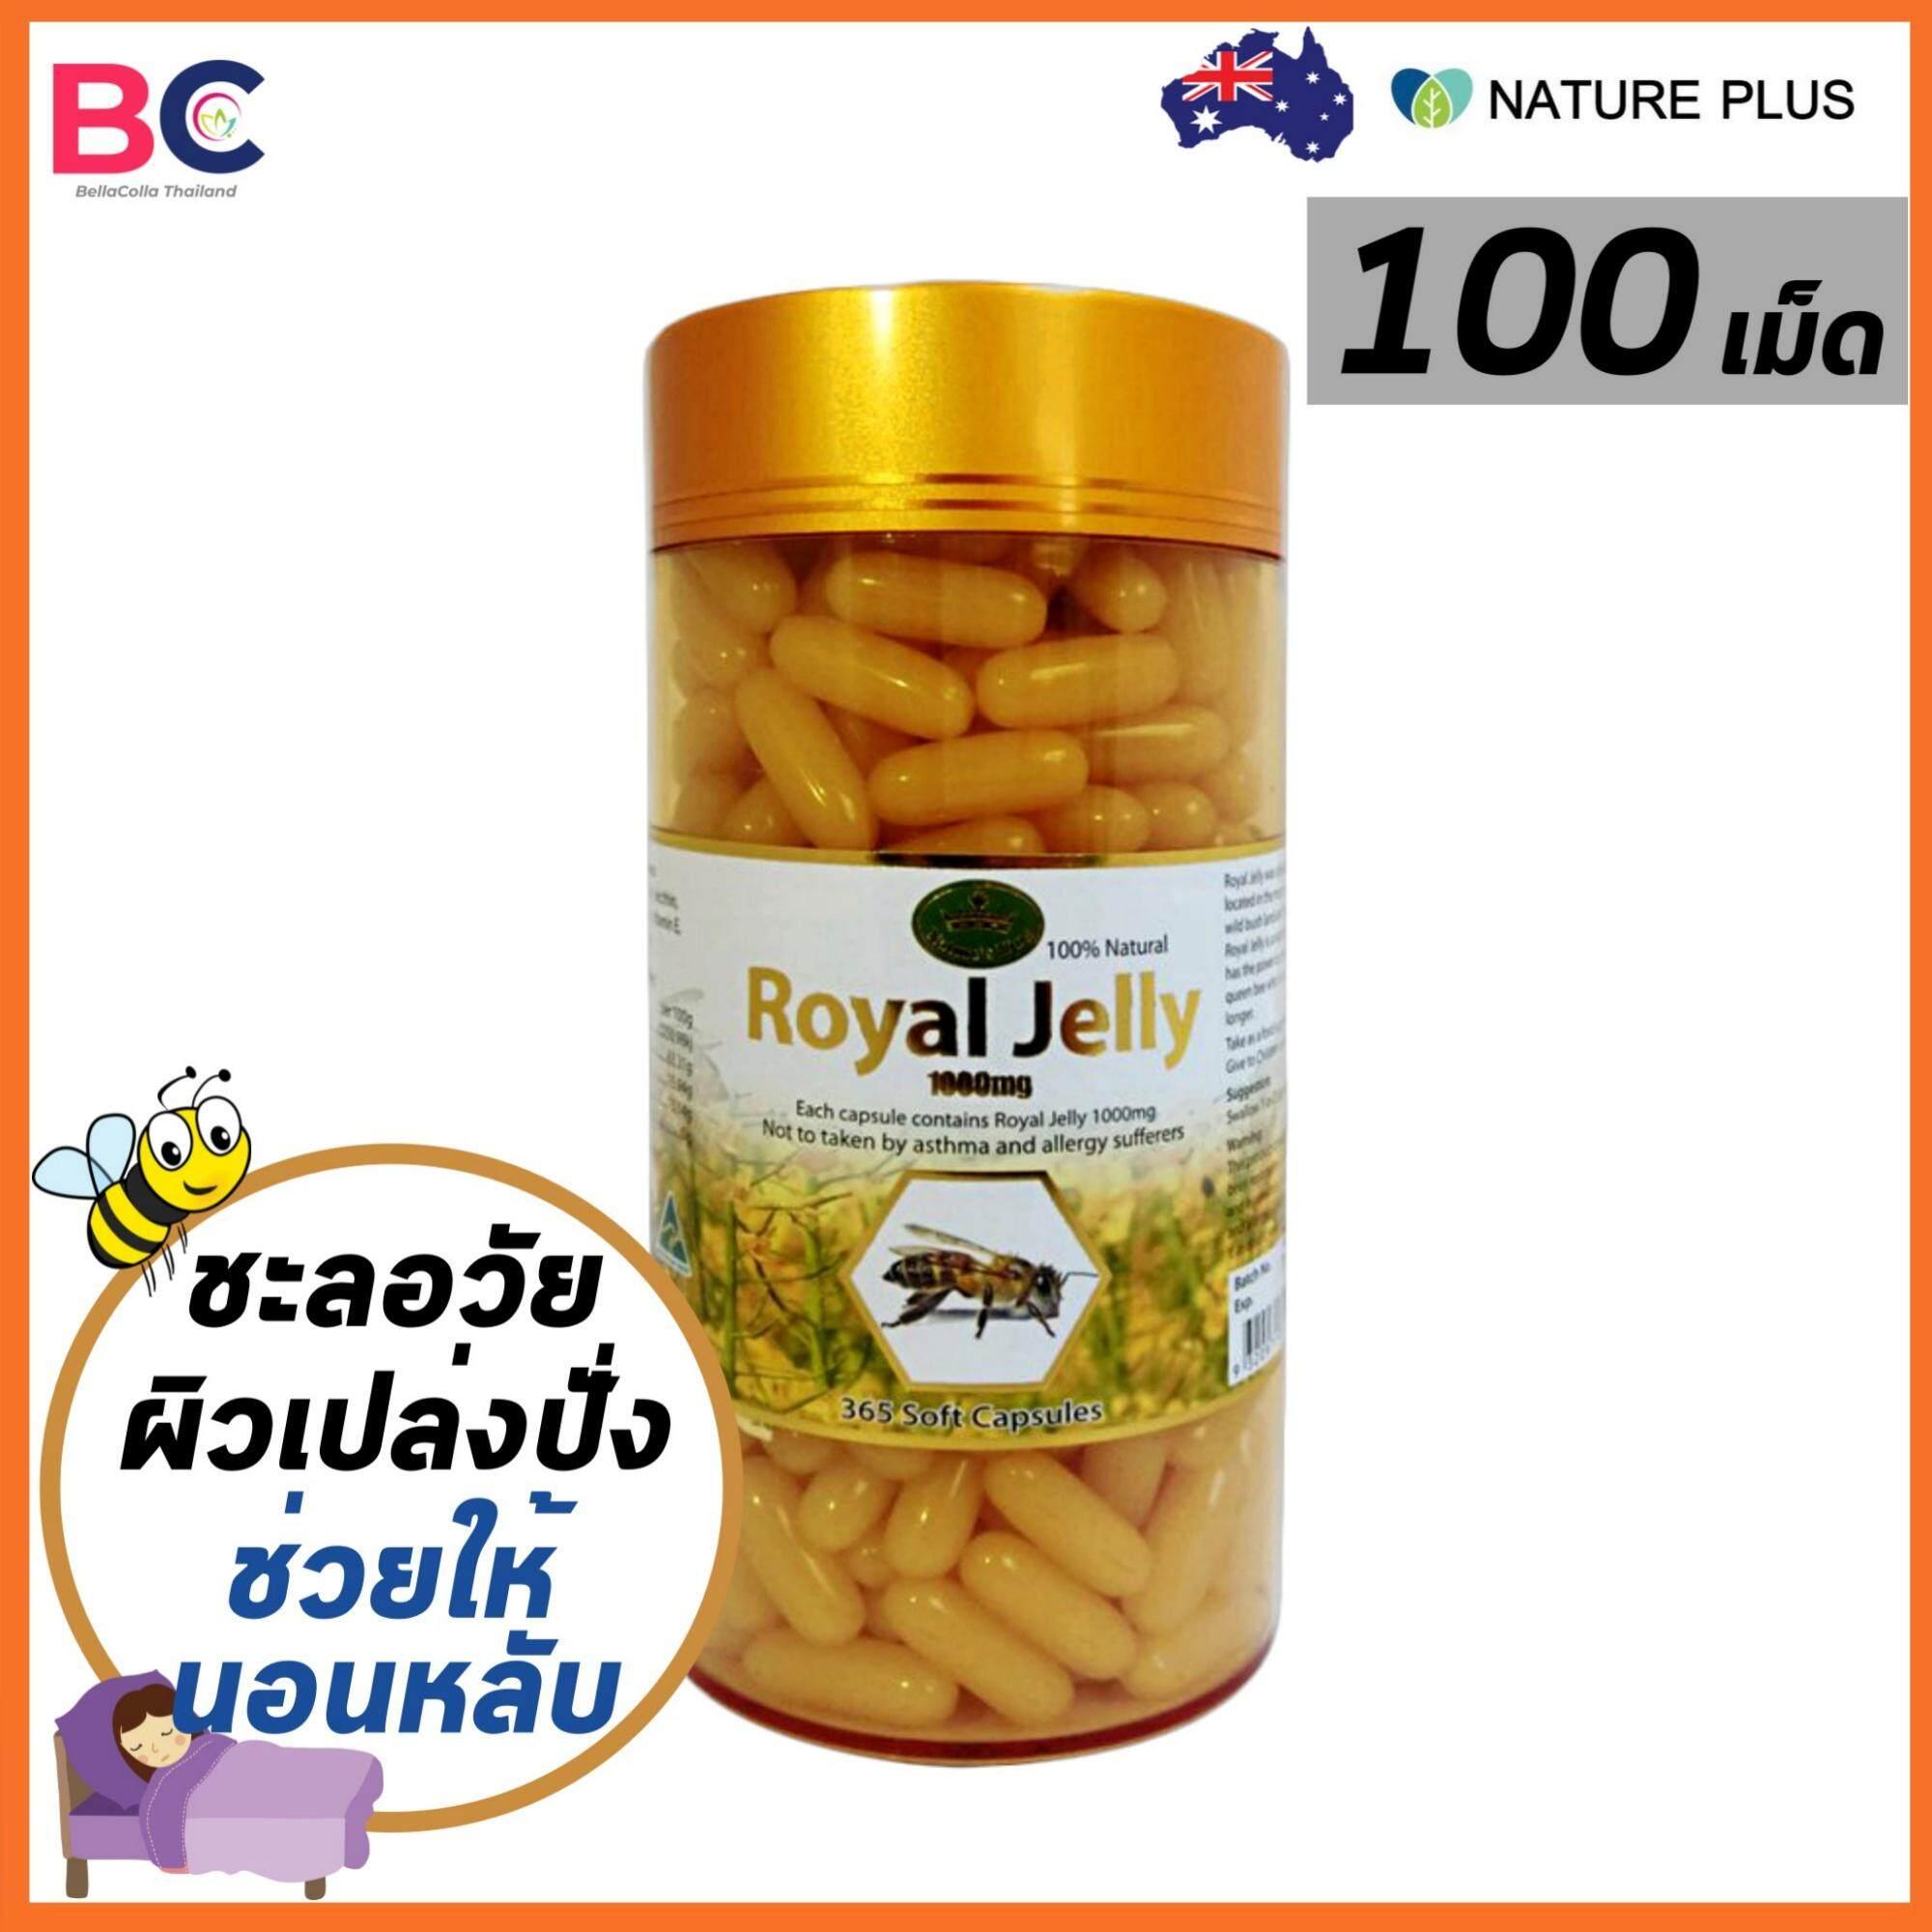 นมผึ้ง Royal Jelly 1000 มิลลิกรัม [1 ขวด] [100 เม็ด] Nature King Royal Jelly น้ำนมผึ้ง ต่อต้านอนุมูลอิสระ คงความอ่อนเยาว์ รักษาสมดุล นำเข้าจากออสเตรเลีย Naturesking Royal Jelly By Bellacolla Thailand.